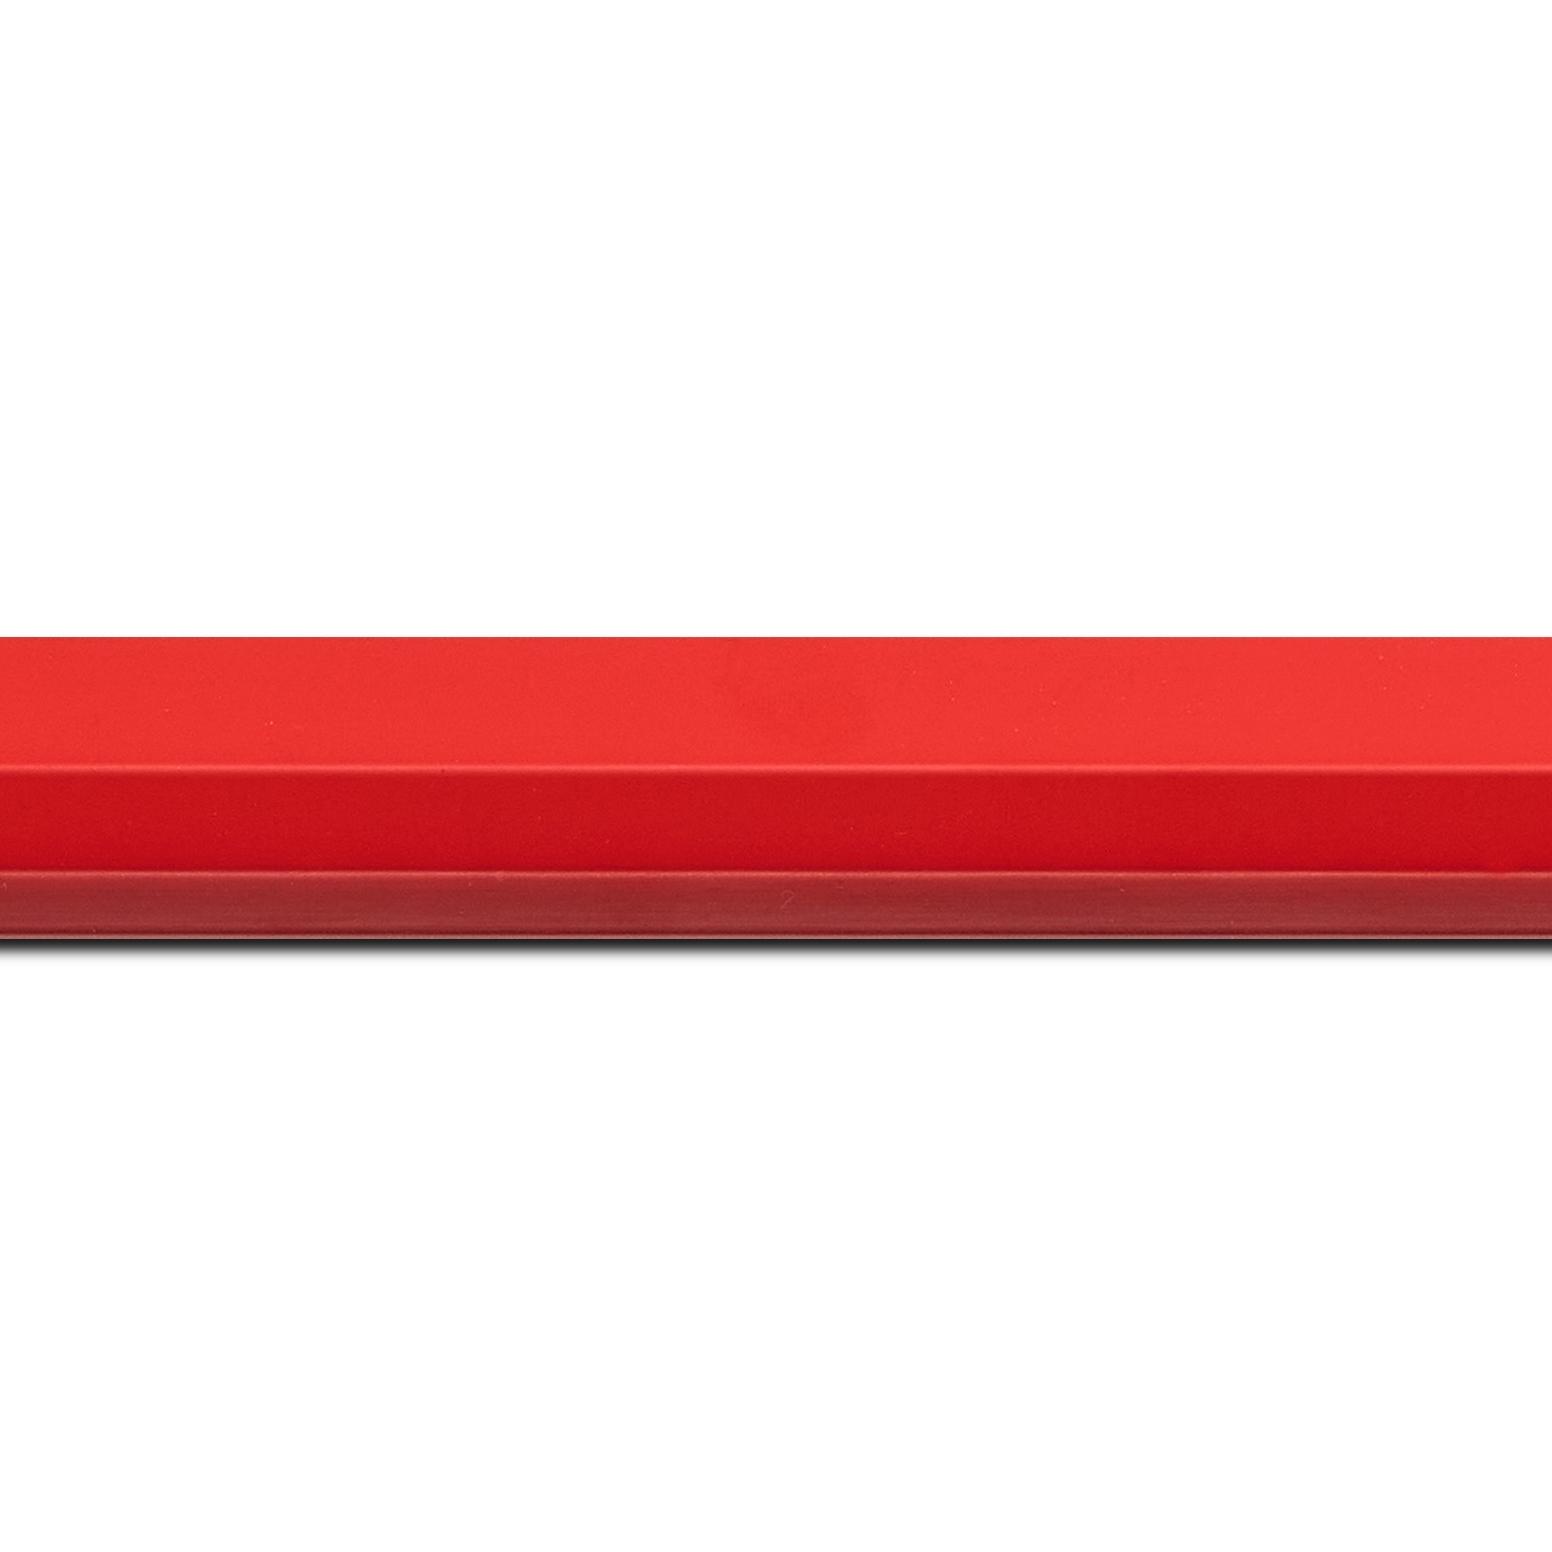 Baguette longueur 1.40m bois profil plat profil plat 3 faces largeur 2.8cm de couleur rouge , nez intérieur bordeaux dégradé